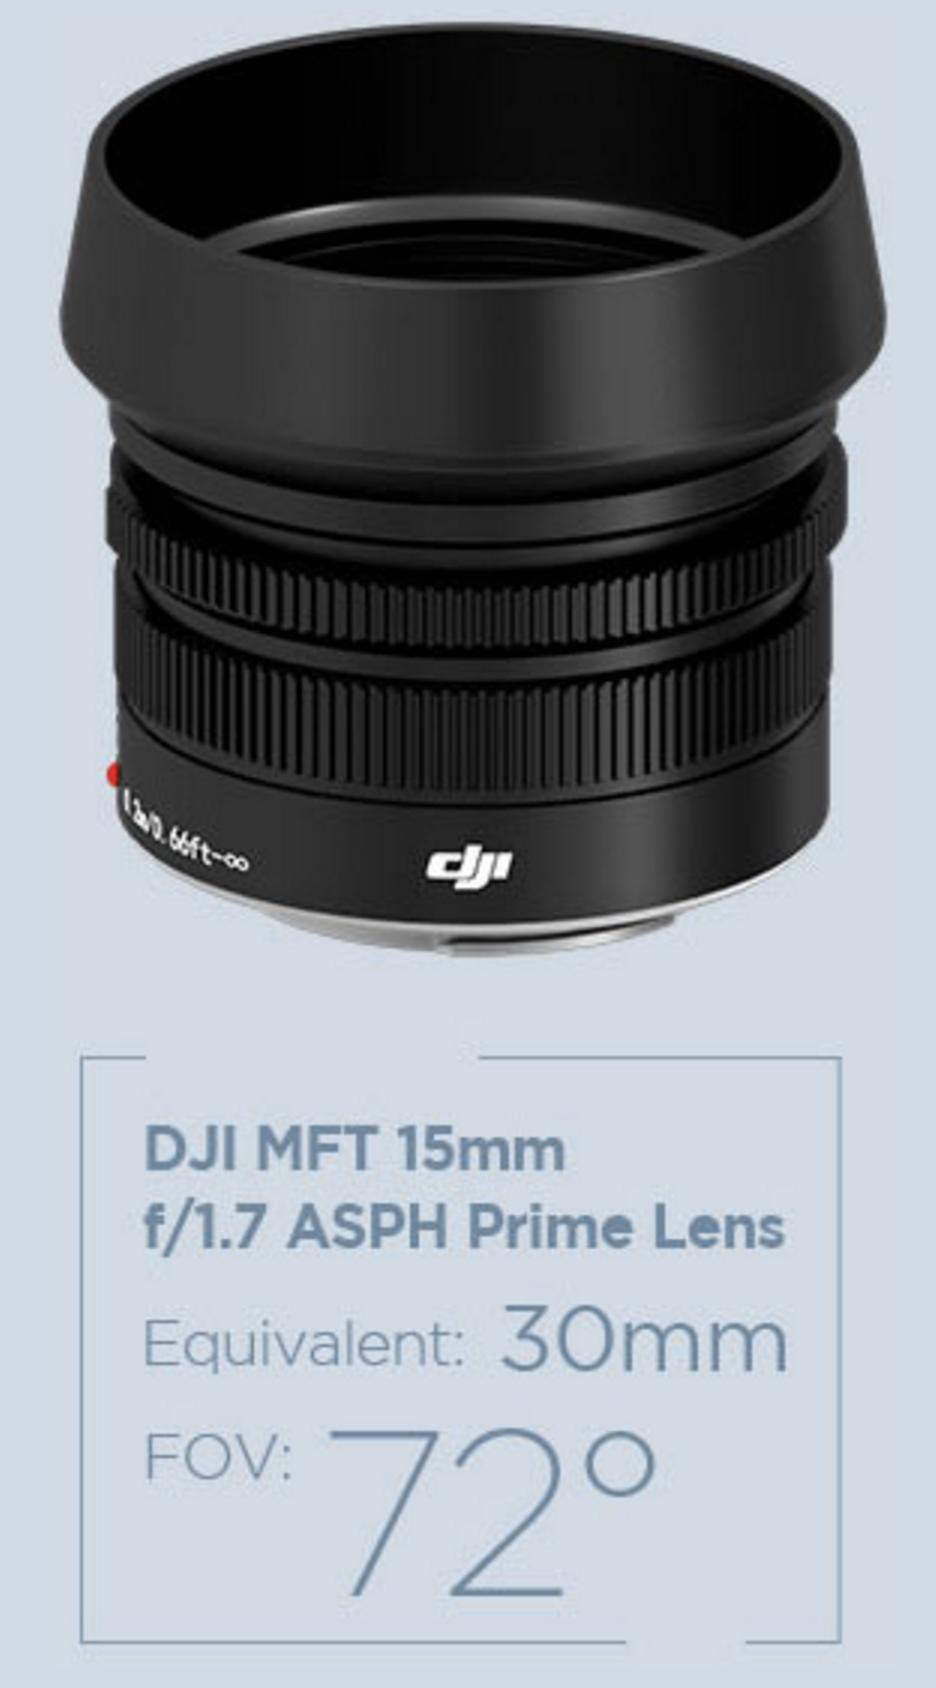 DJI MFT Lens